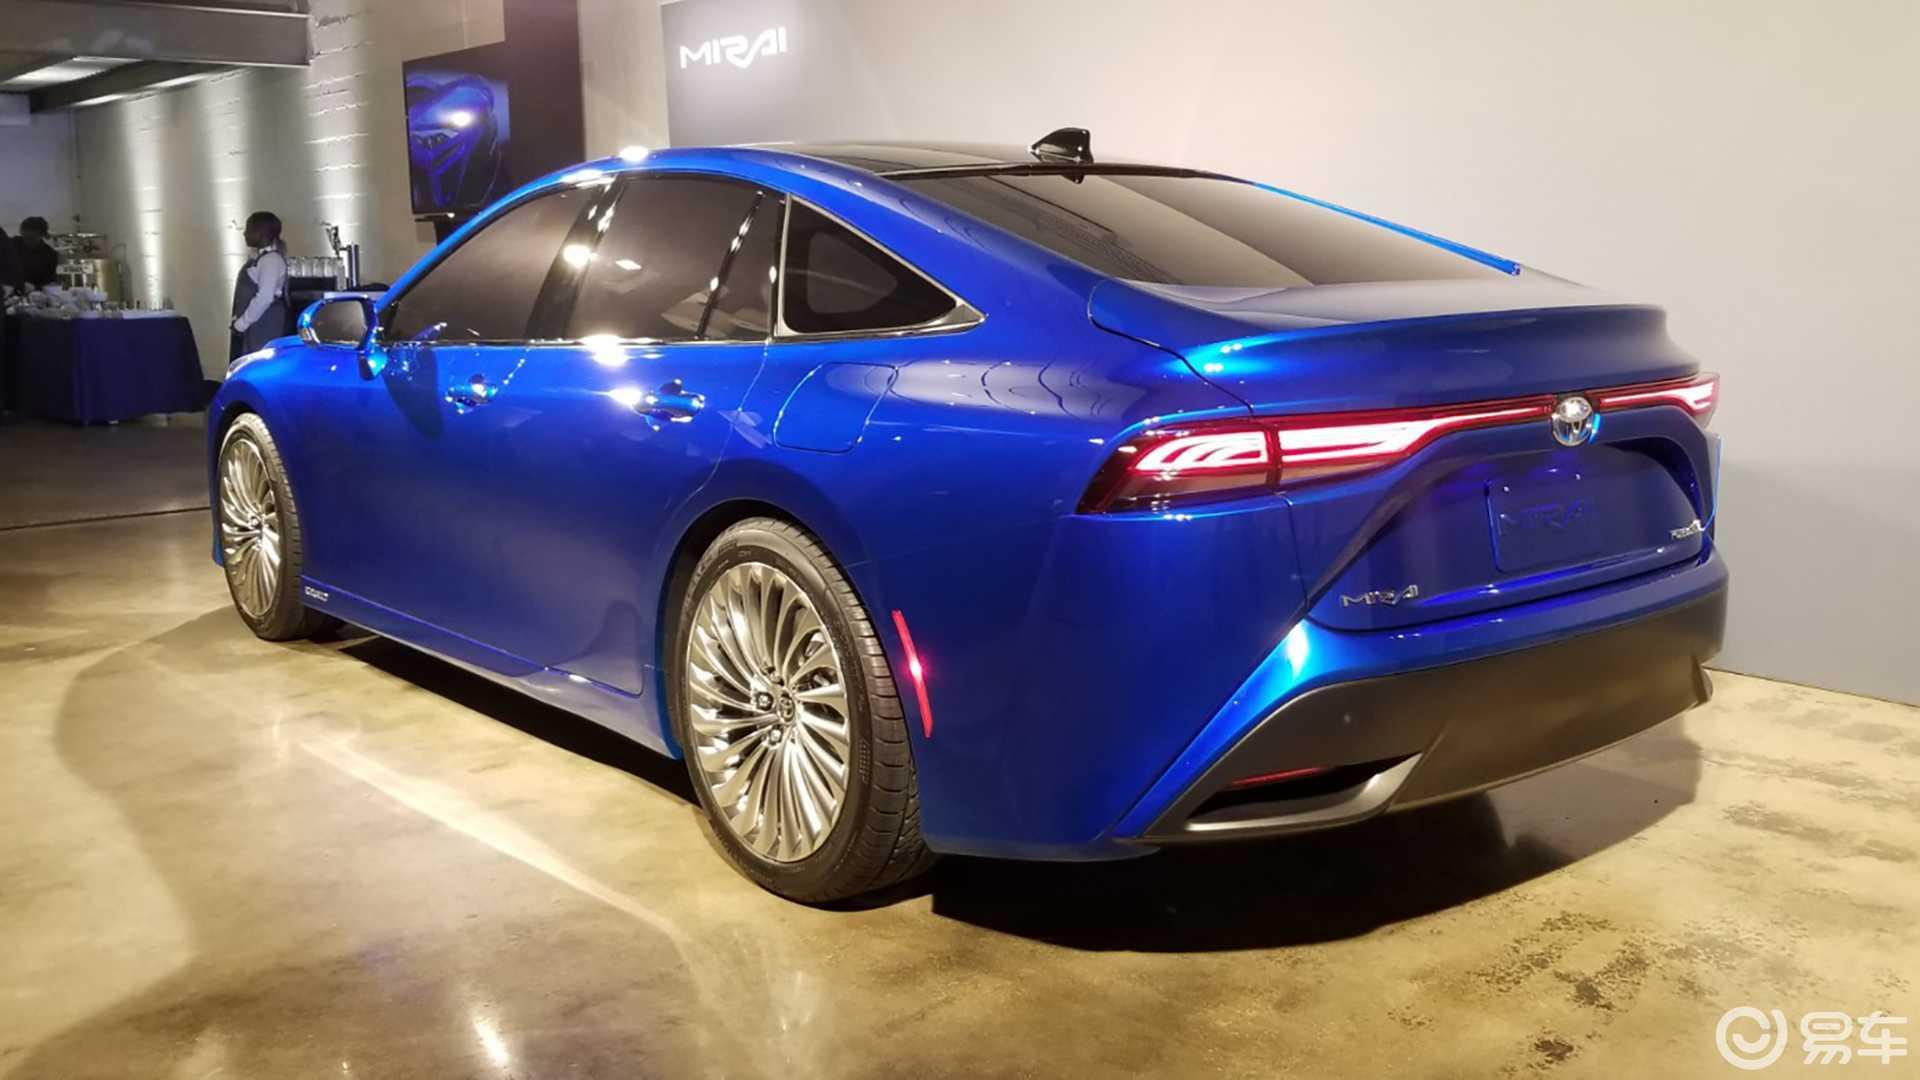 氢时代的新先锋,传承跑车基因,丰田全新Mirai要来了